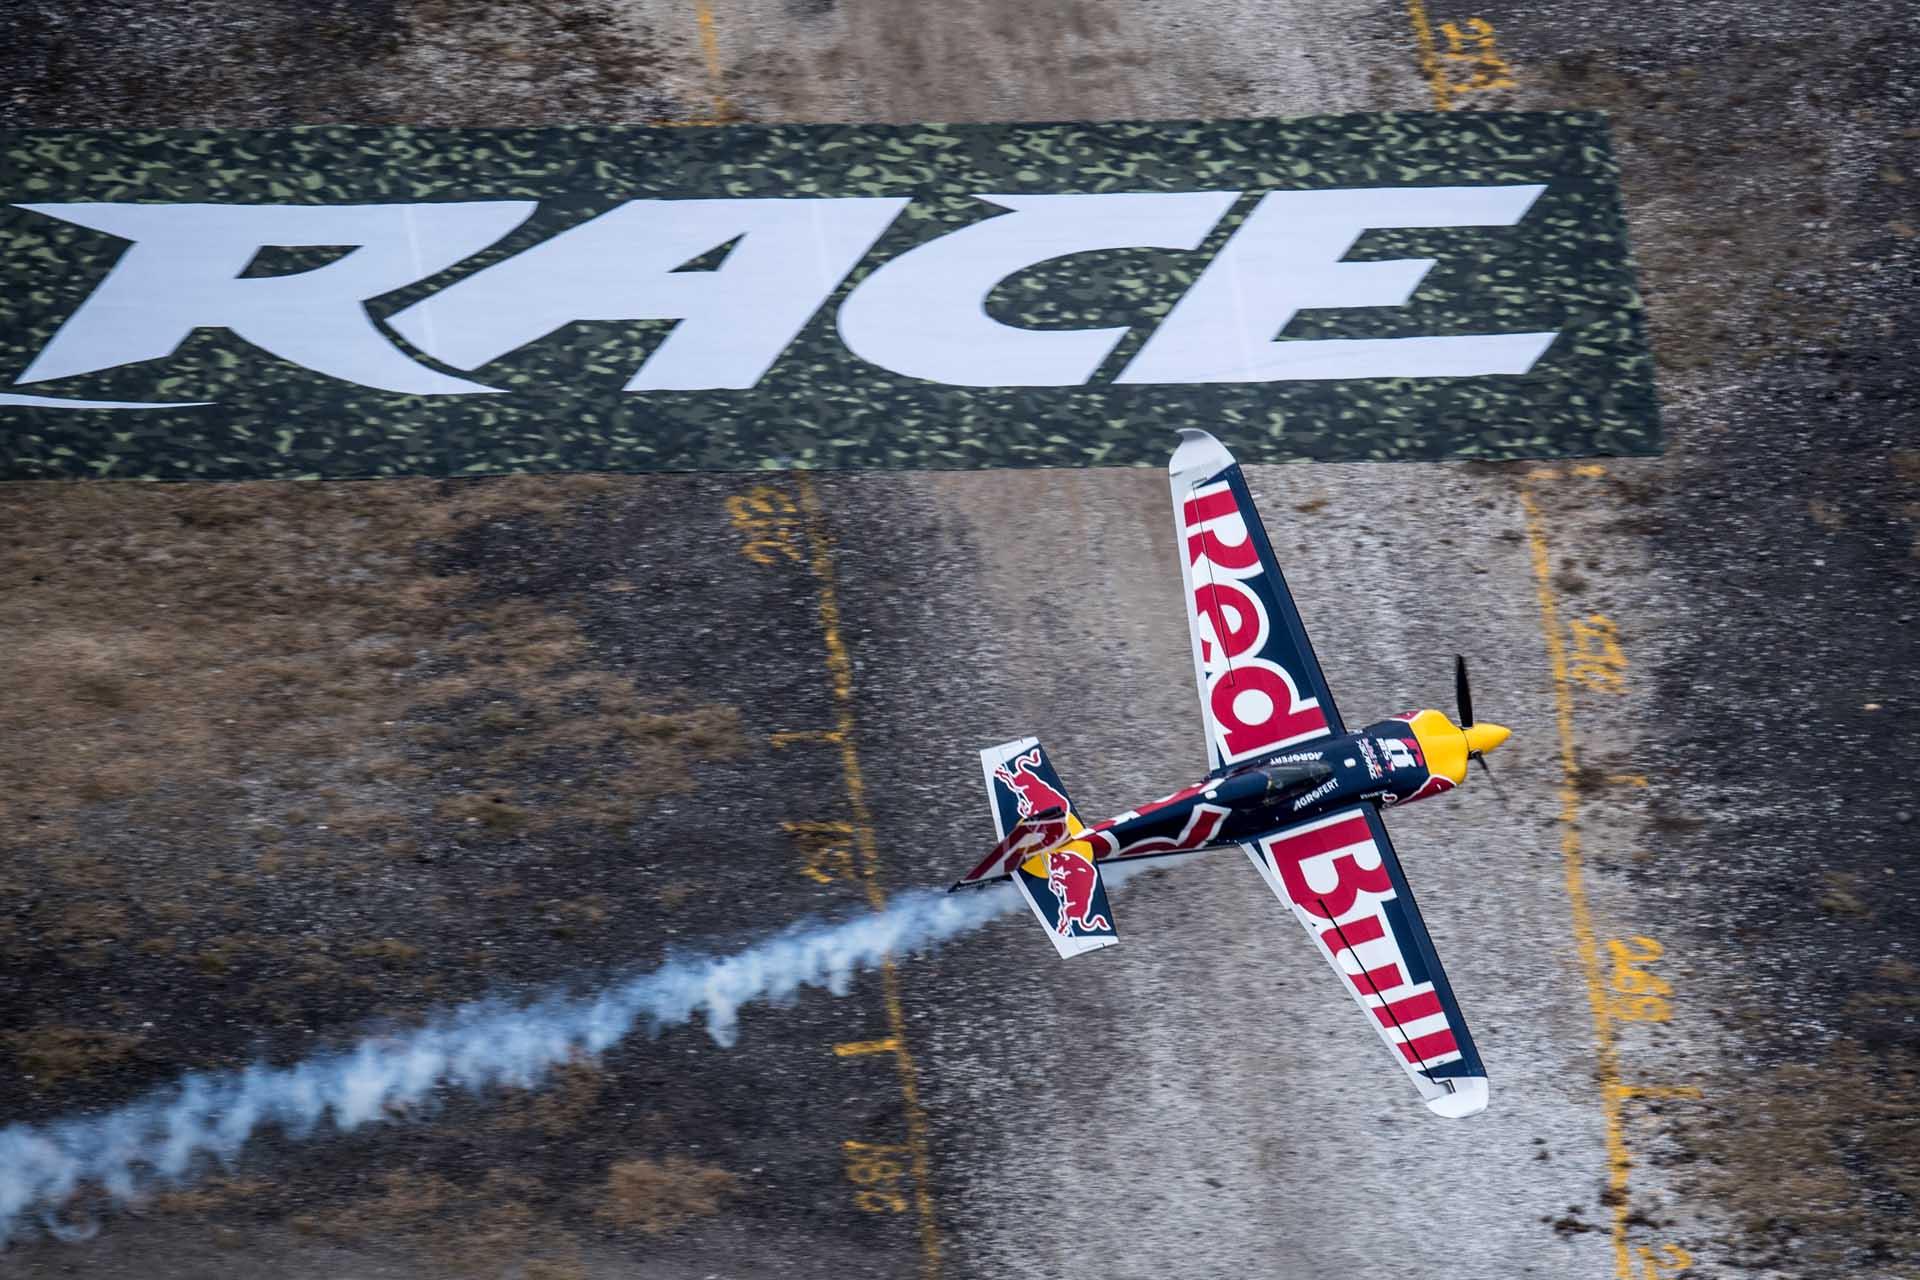 Ebenfalls für Action sorgen wird eine Demo-Show des Red Bull Air Race Teams.